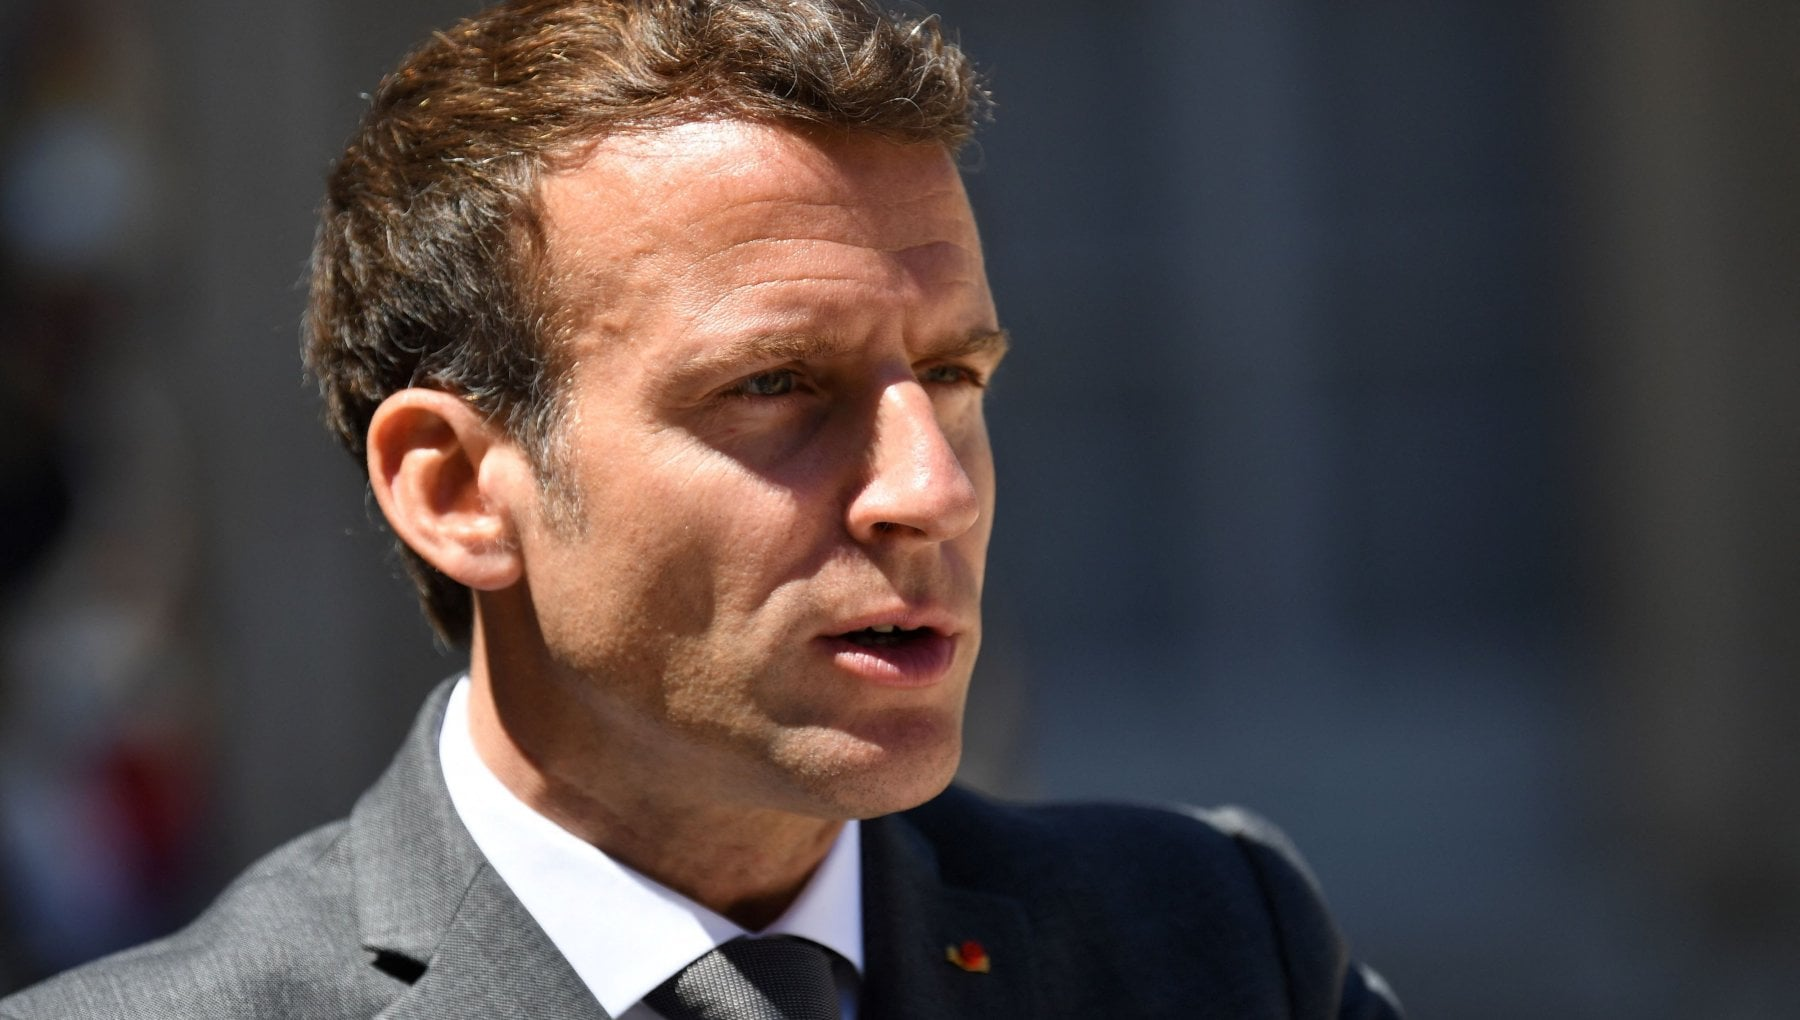 162935231 ed3a2c6c 822c 4107 95d9 19be5145624b - Francia, Macron lancia un piano per lottare contro fake news e ingerenze straniere sui social